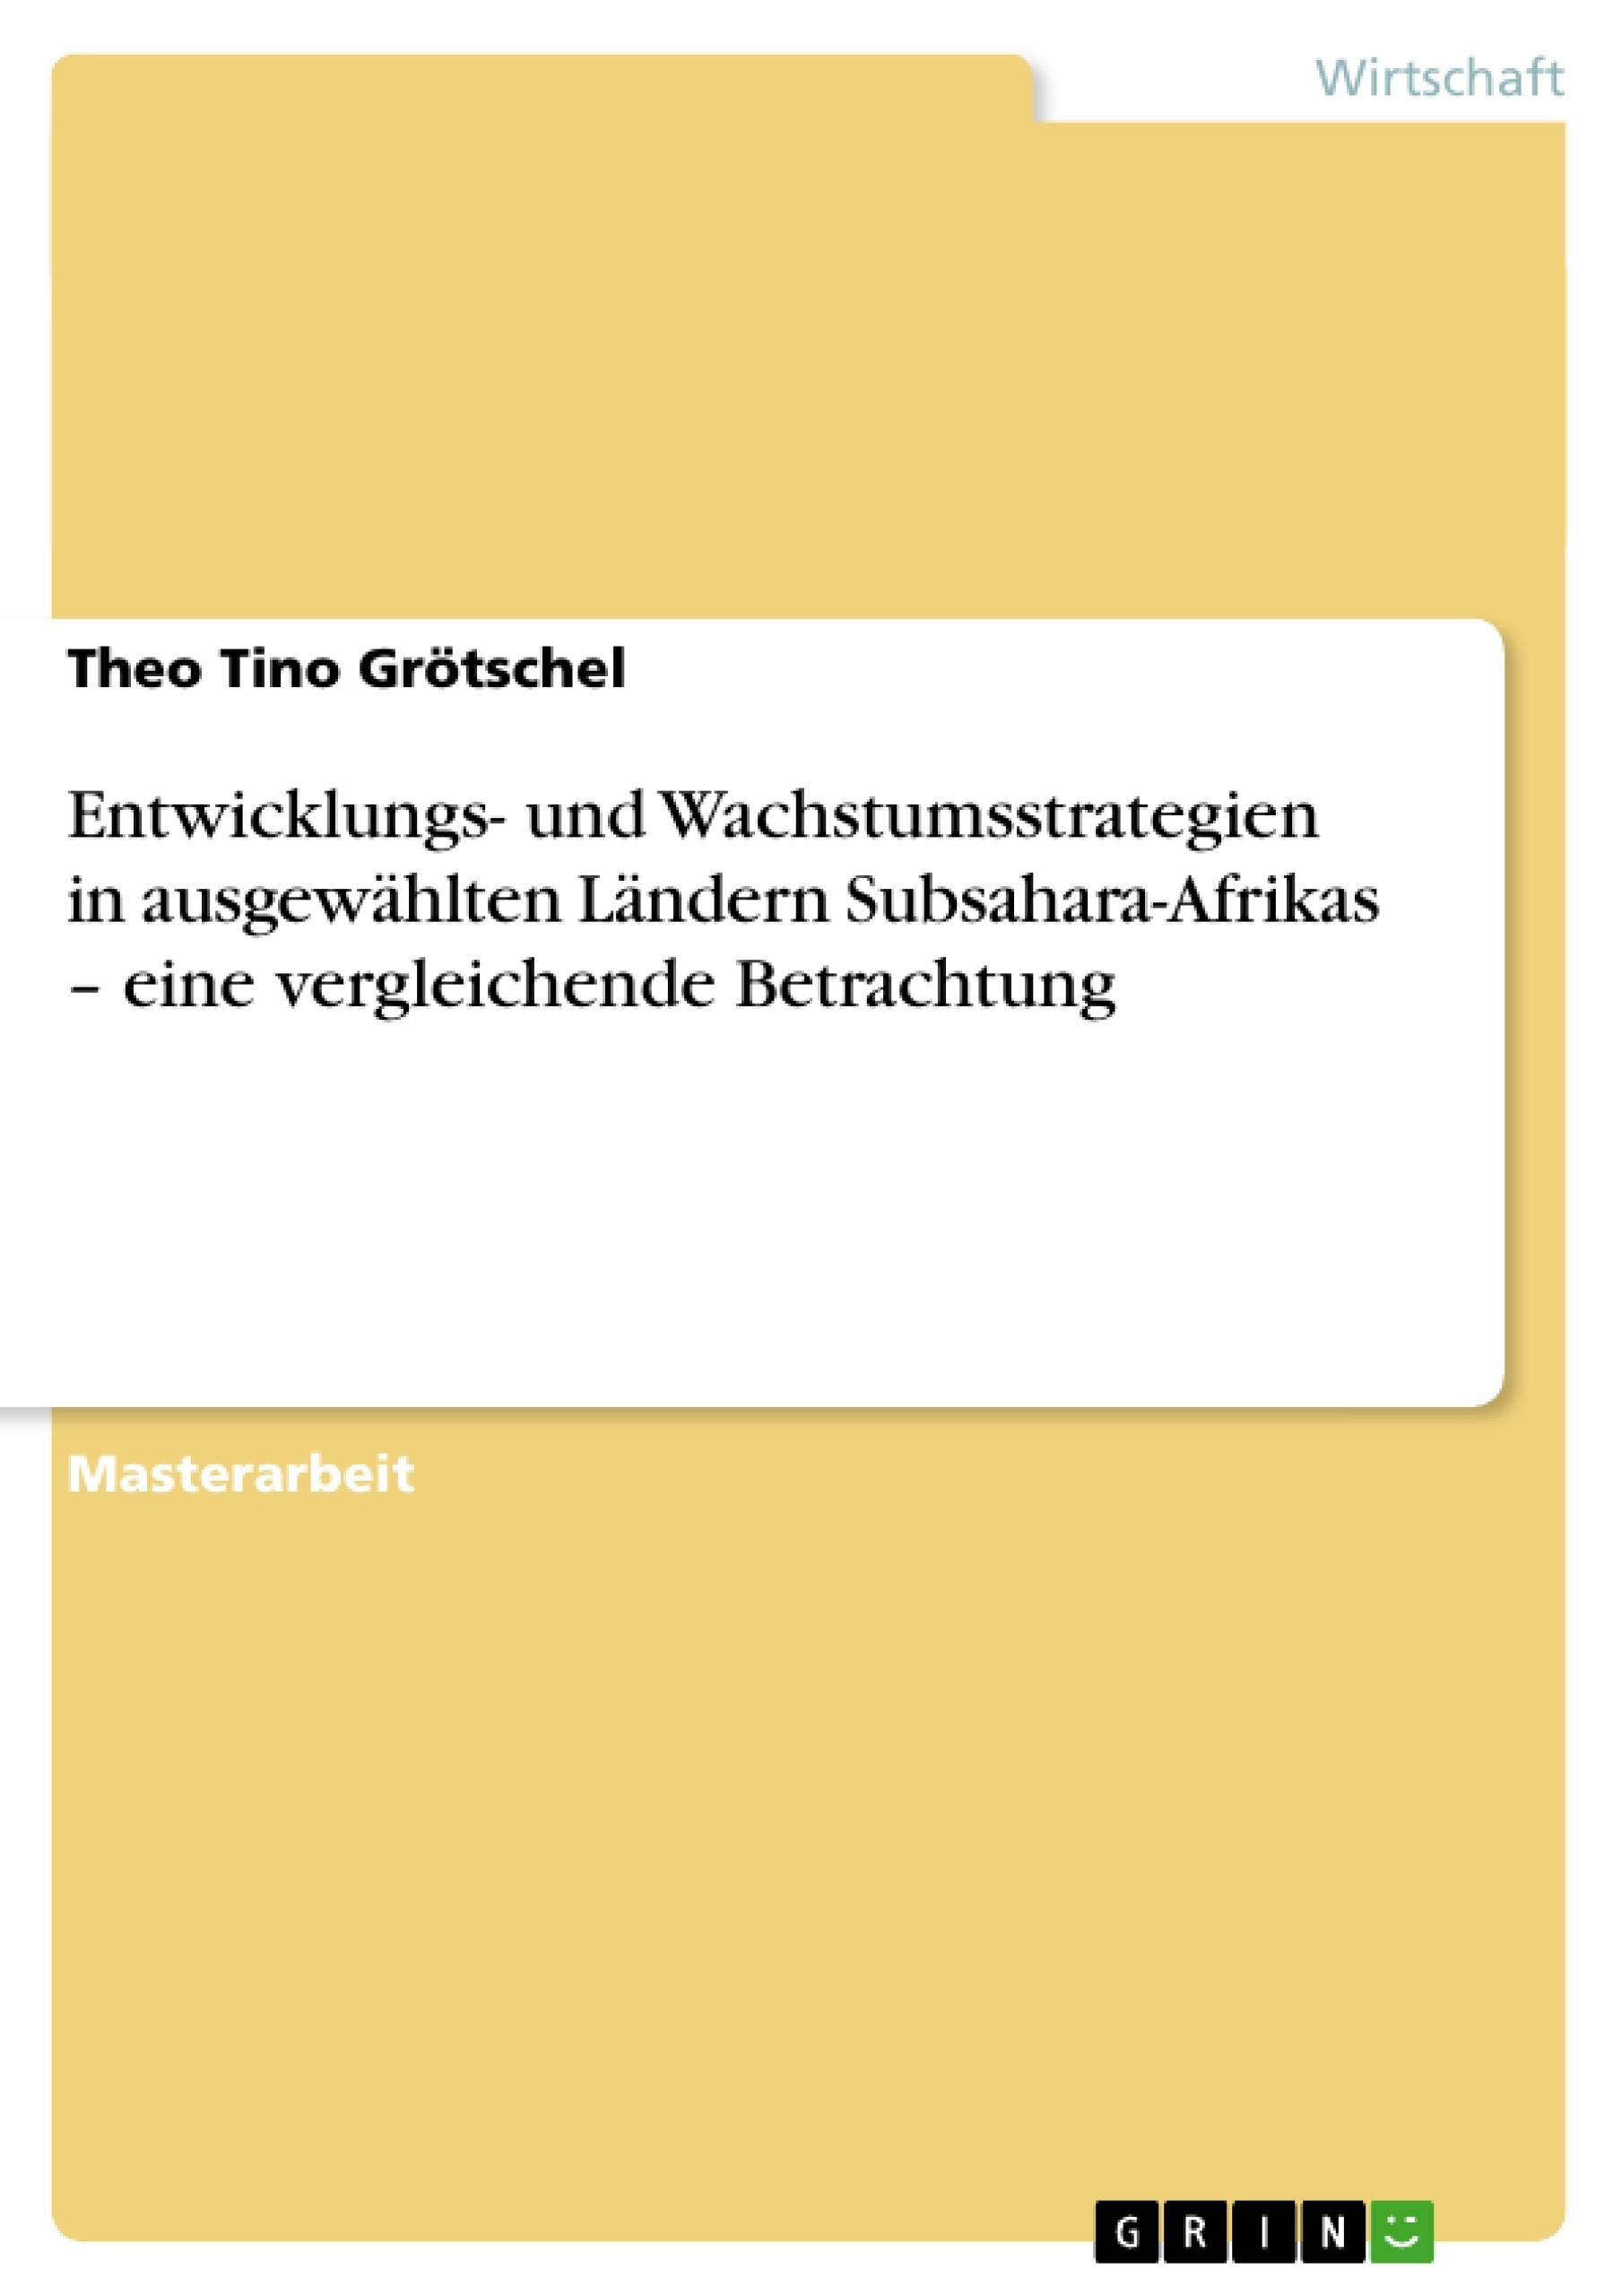 Titel: Entwicklungs- und Wachstumsstrategien in ausgewählten Ländern Subsahara-Afrikas – eine vergleichende Betrachtung